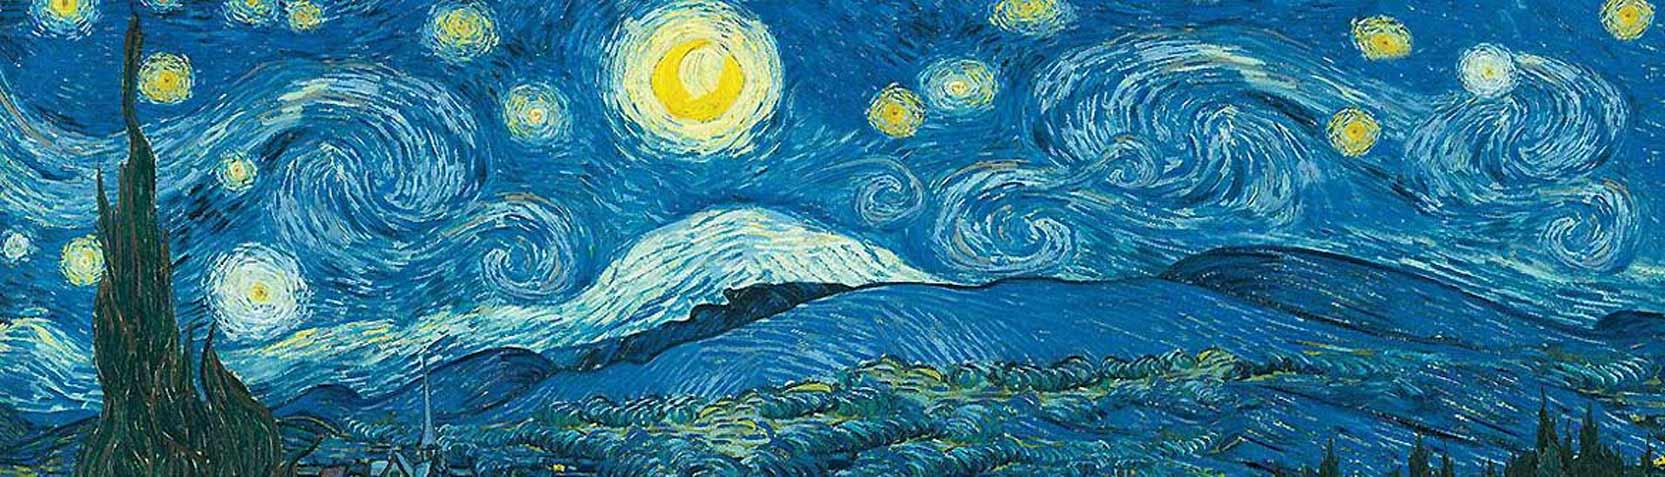 Artisti - Vincent van Gogh